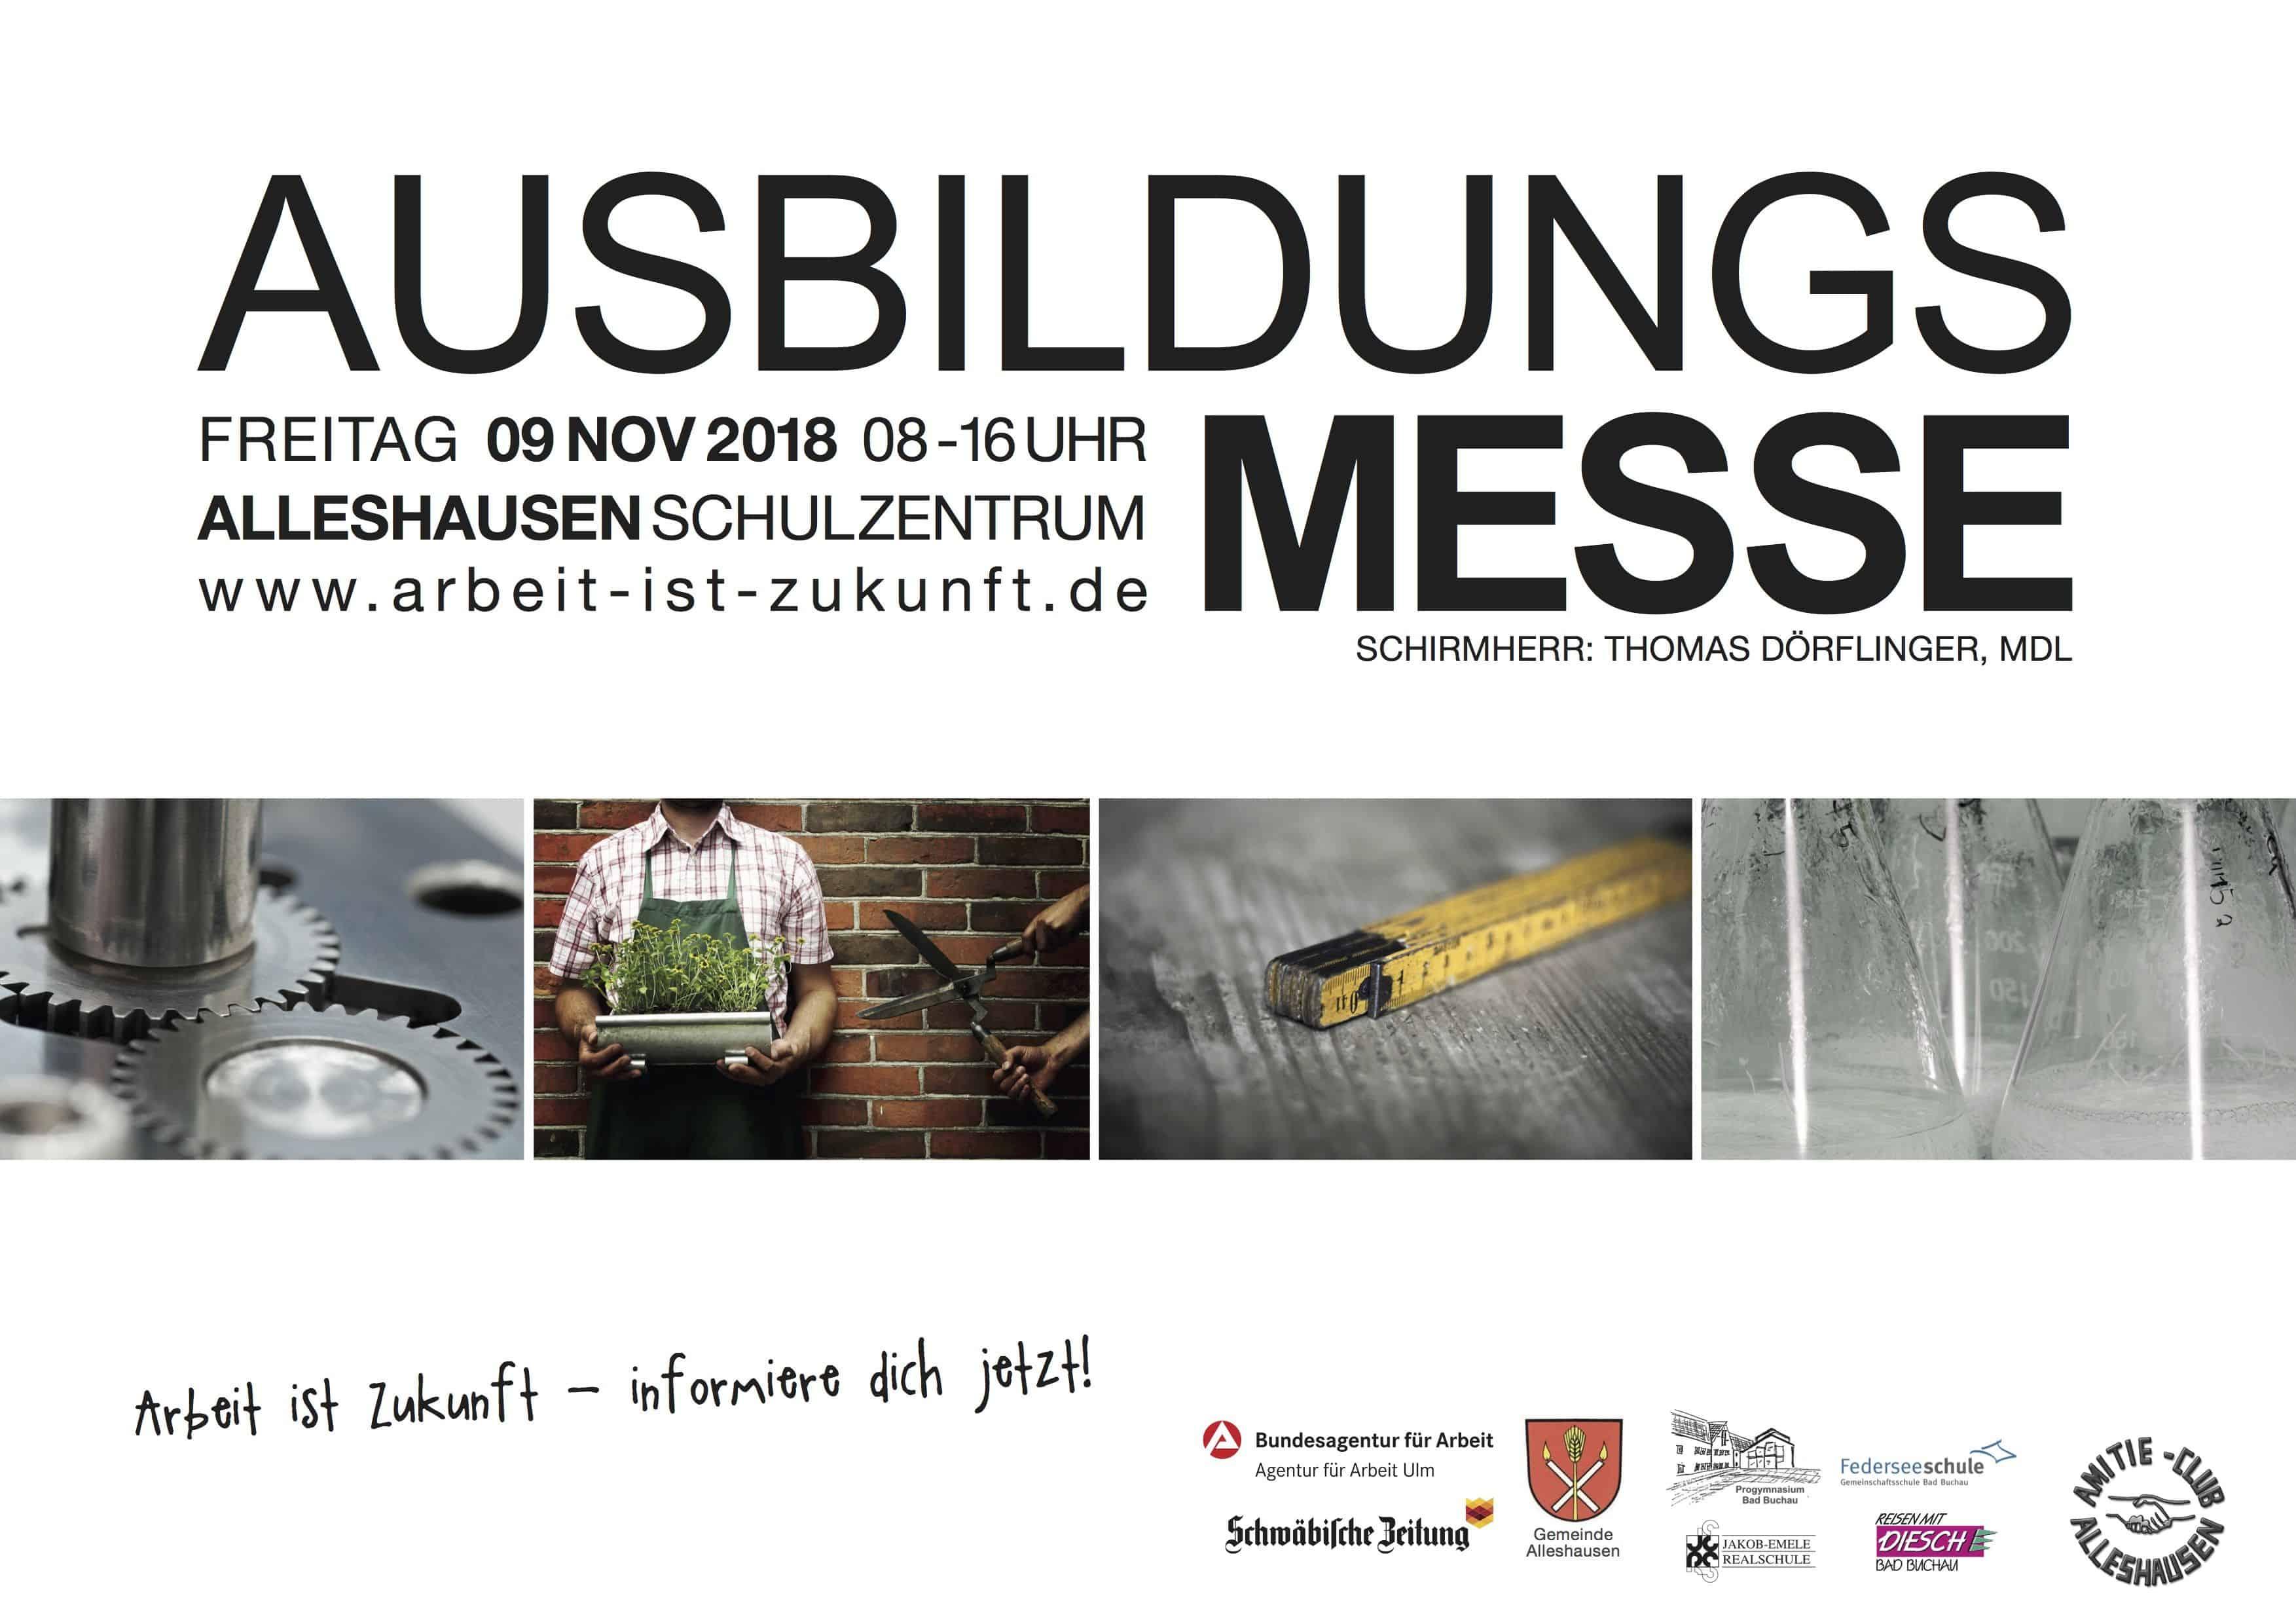 Ausbildungsmesse Alleshausen 2018